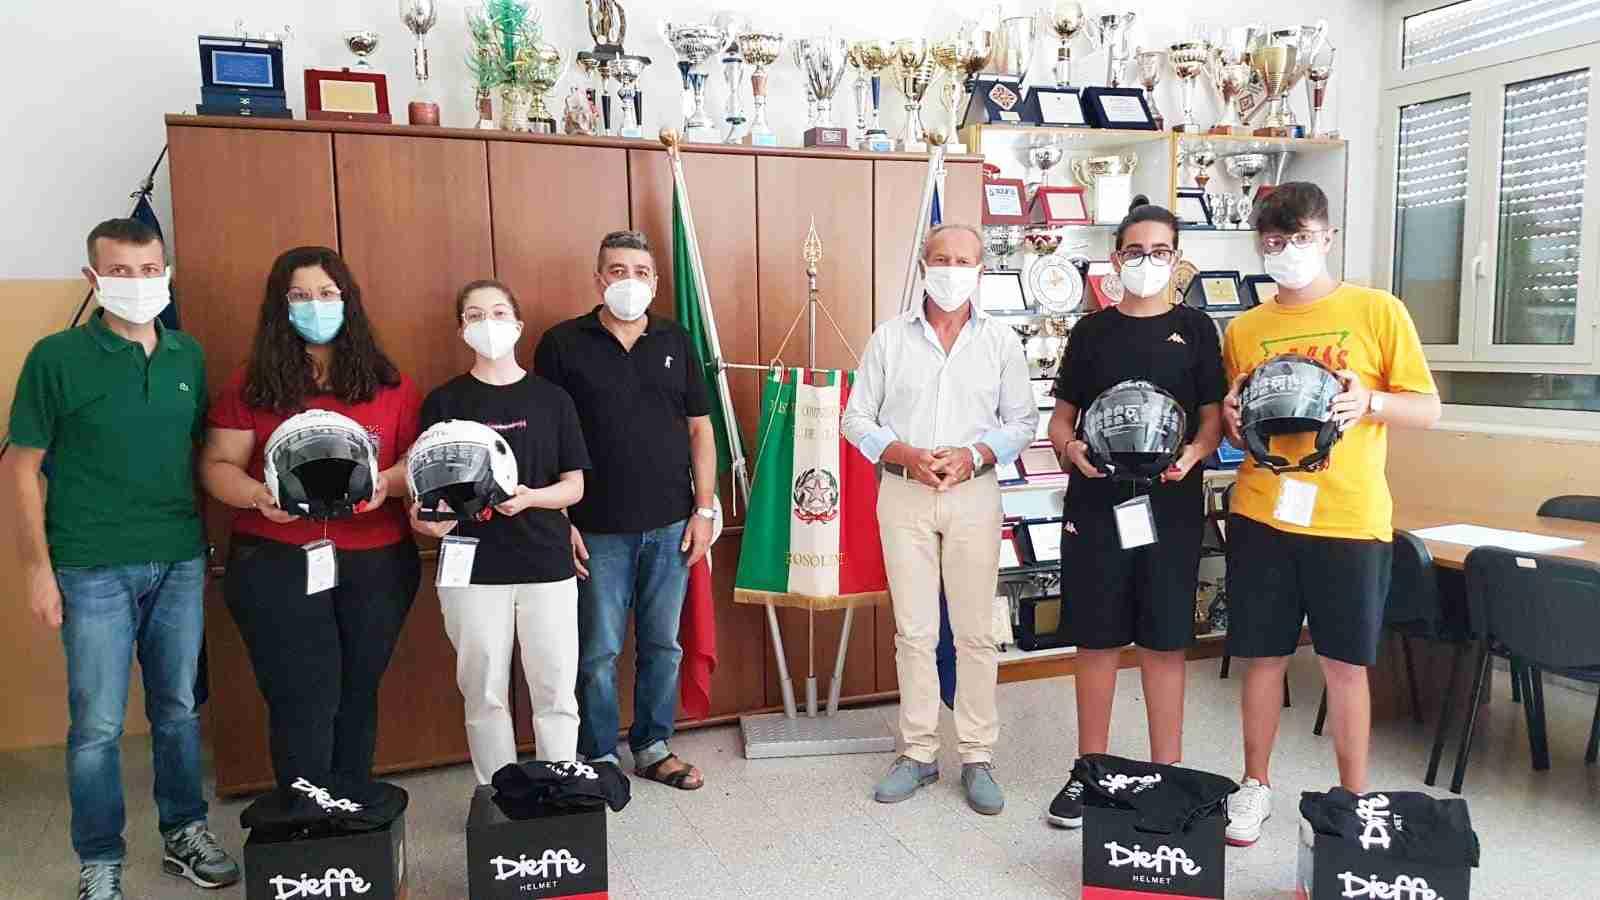 """Concorso """"Un casco vale una vita"""", premiati i disegni di 4 alunni dell'Istituto De Cillis"""